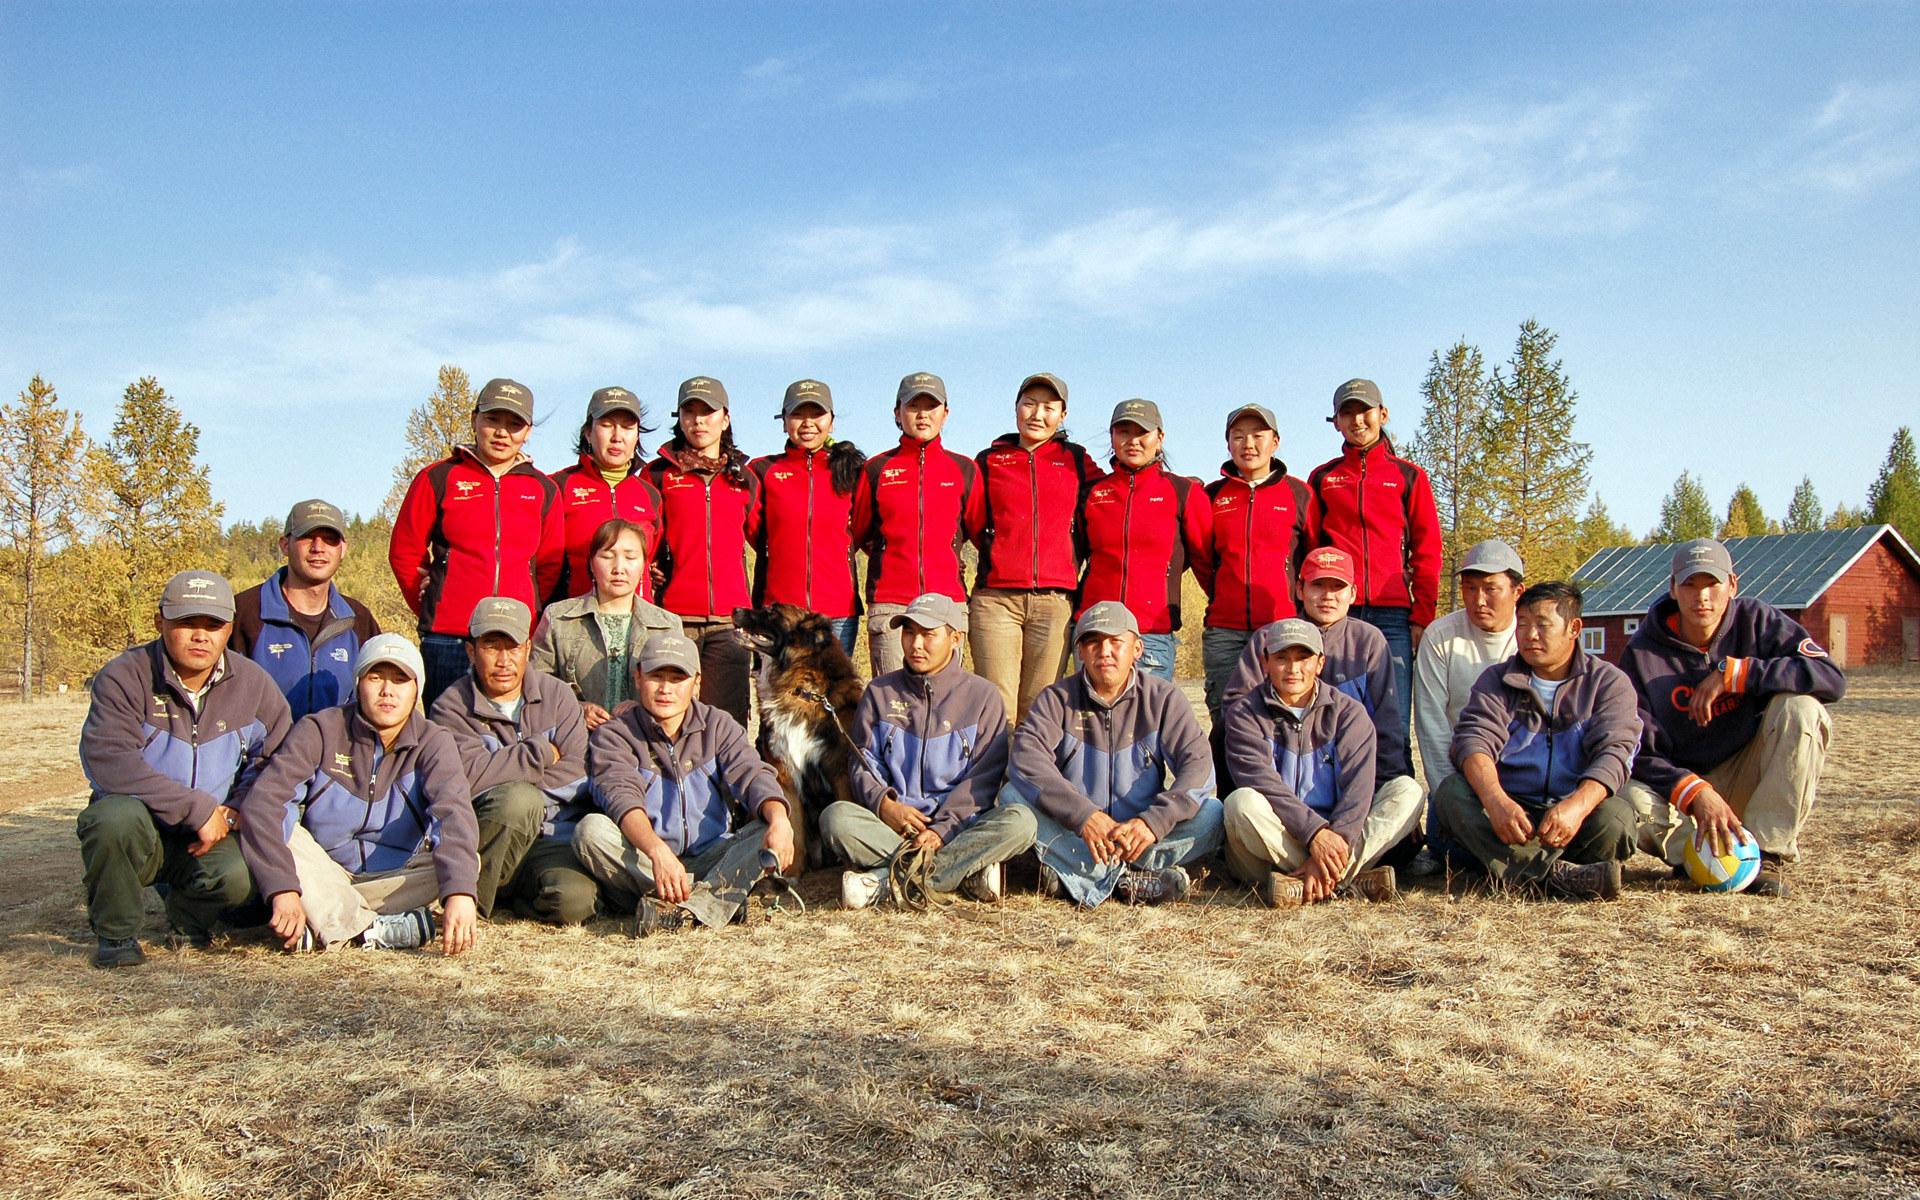 Mongolian Tour Guide Group Photo